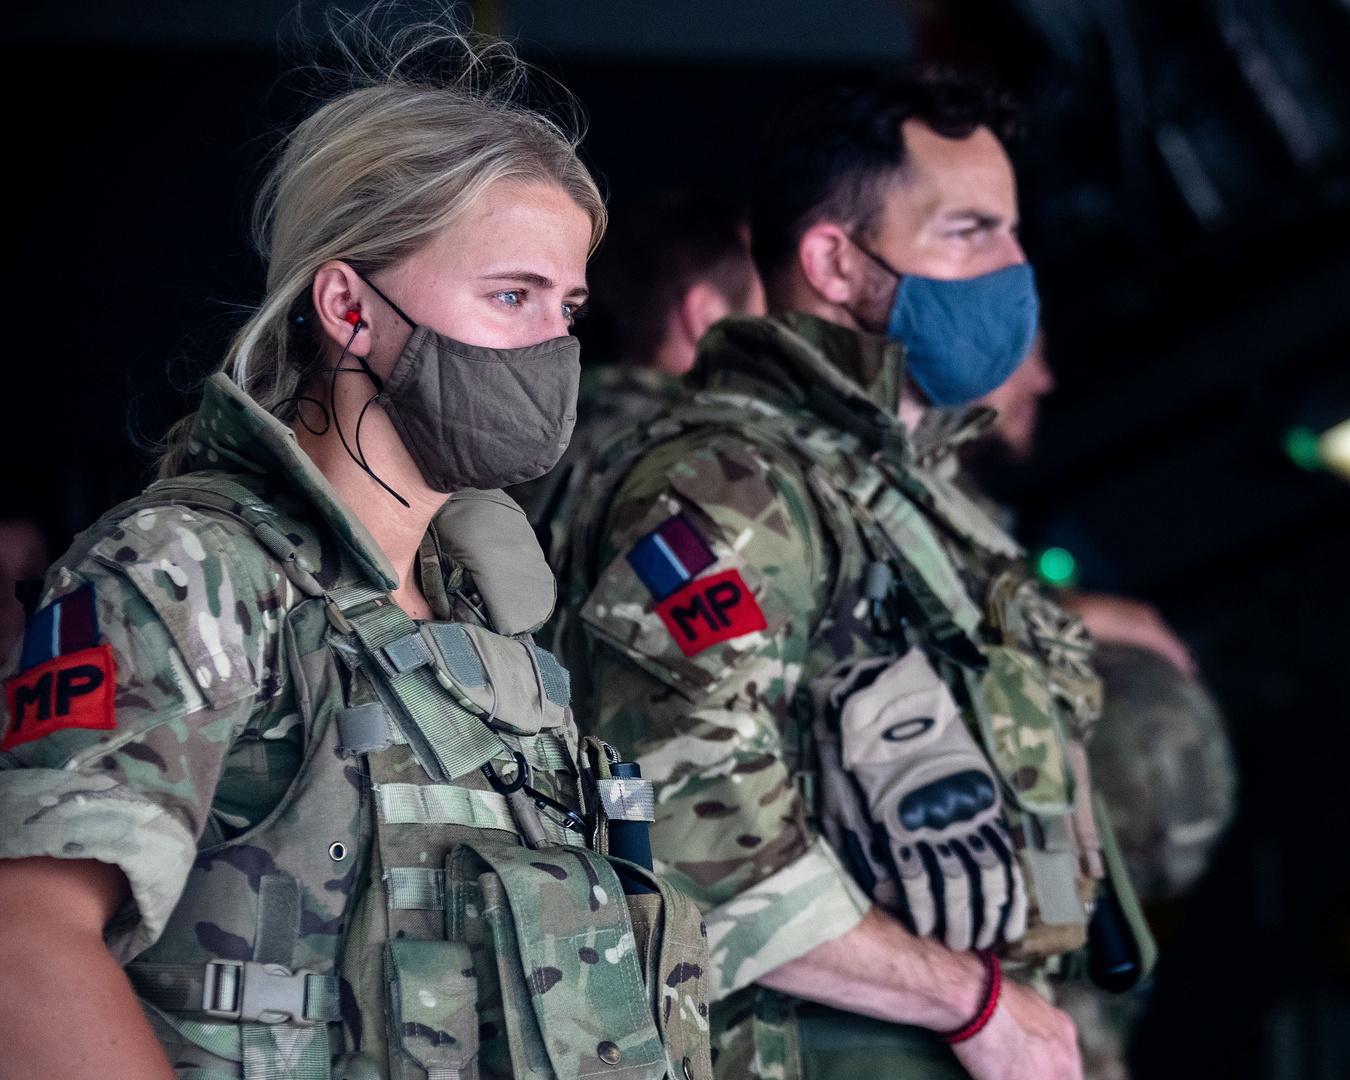 مصادر: إتمام الانسحاب البريطاني من أفغانستان خلال 24 إلى 36 ساعة